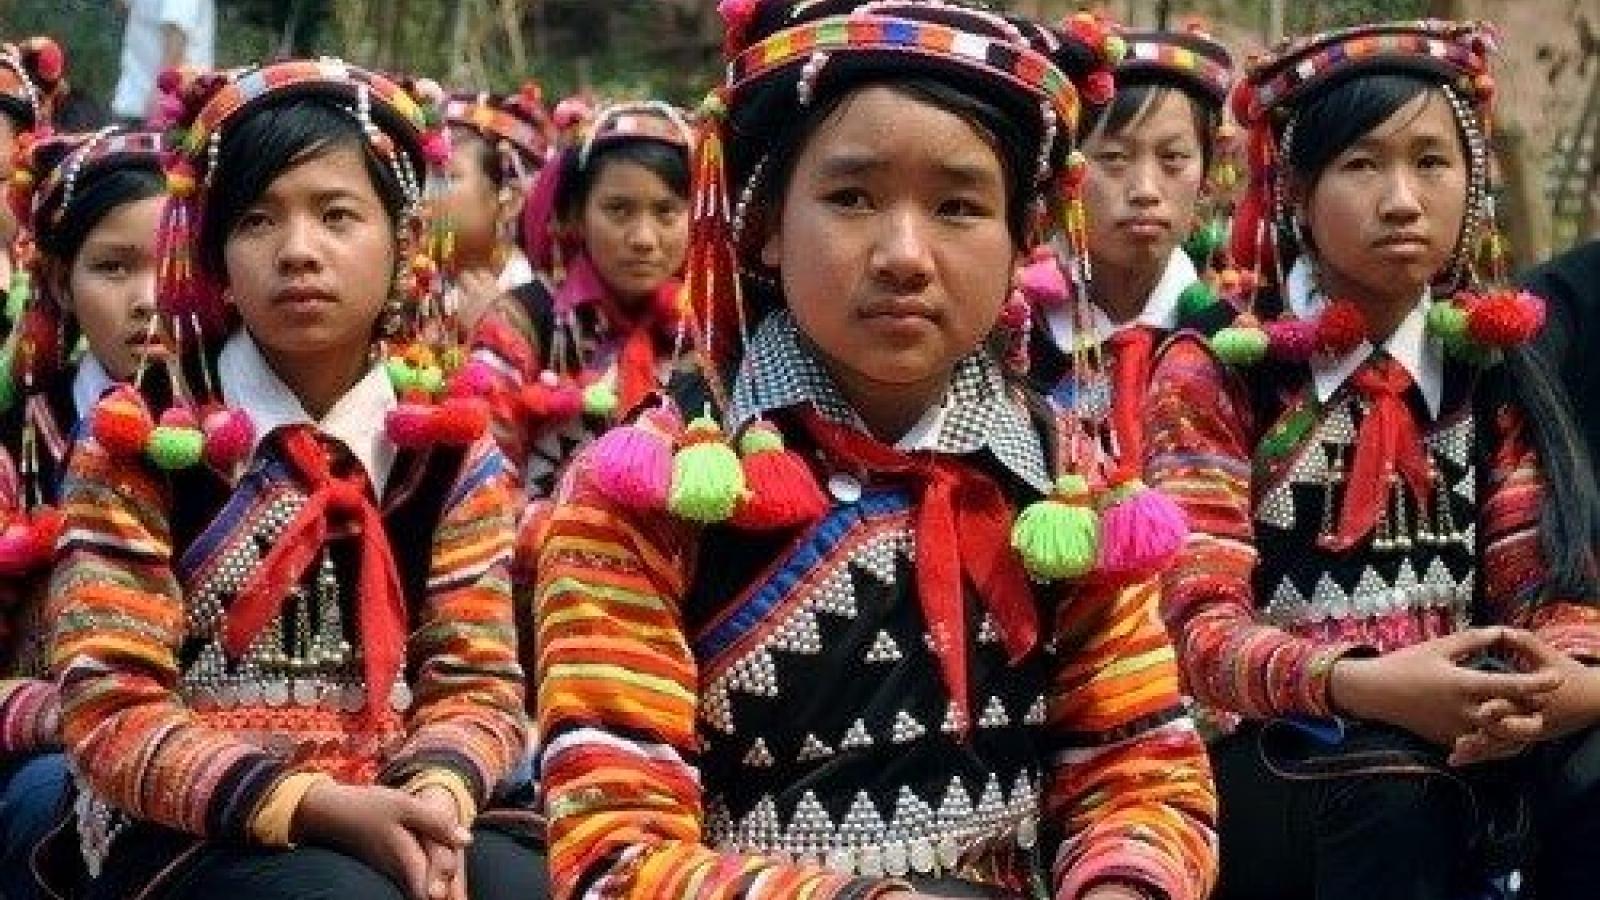 Tăng thêm 1 bậc, Chỉ số phát triển con người của Việt Nam nói lên điều gì?